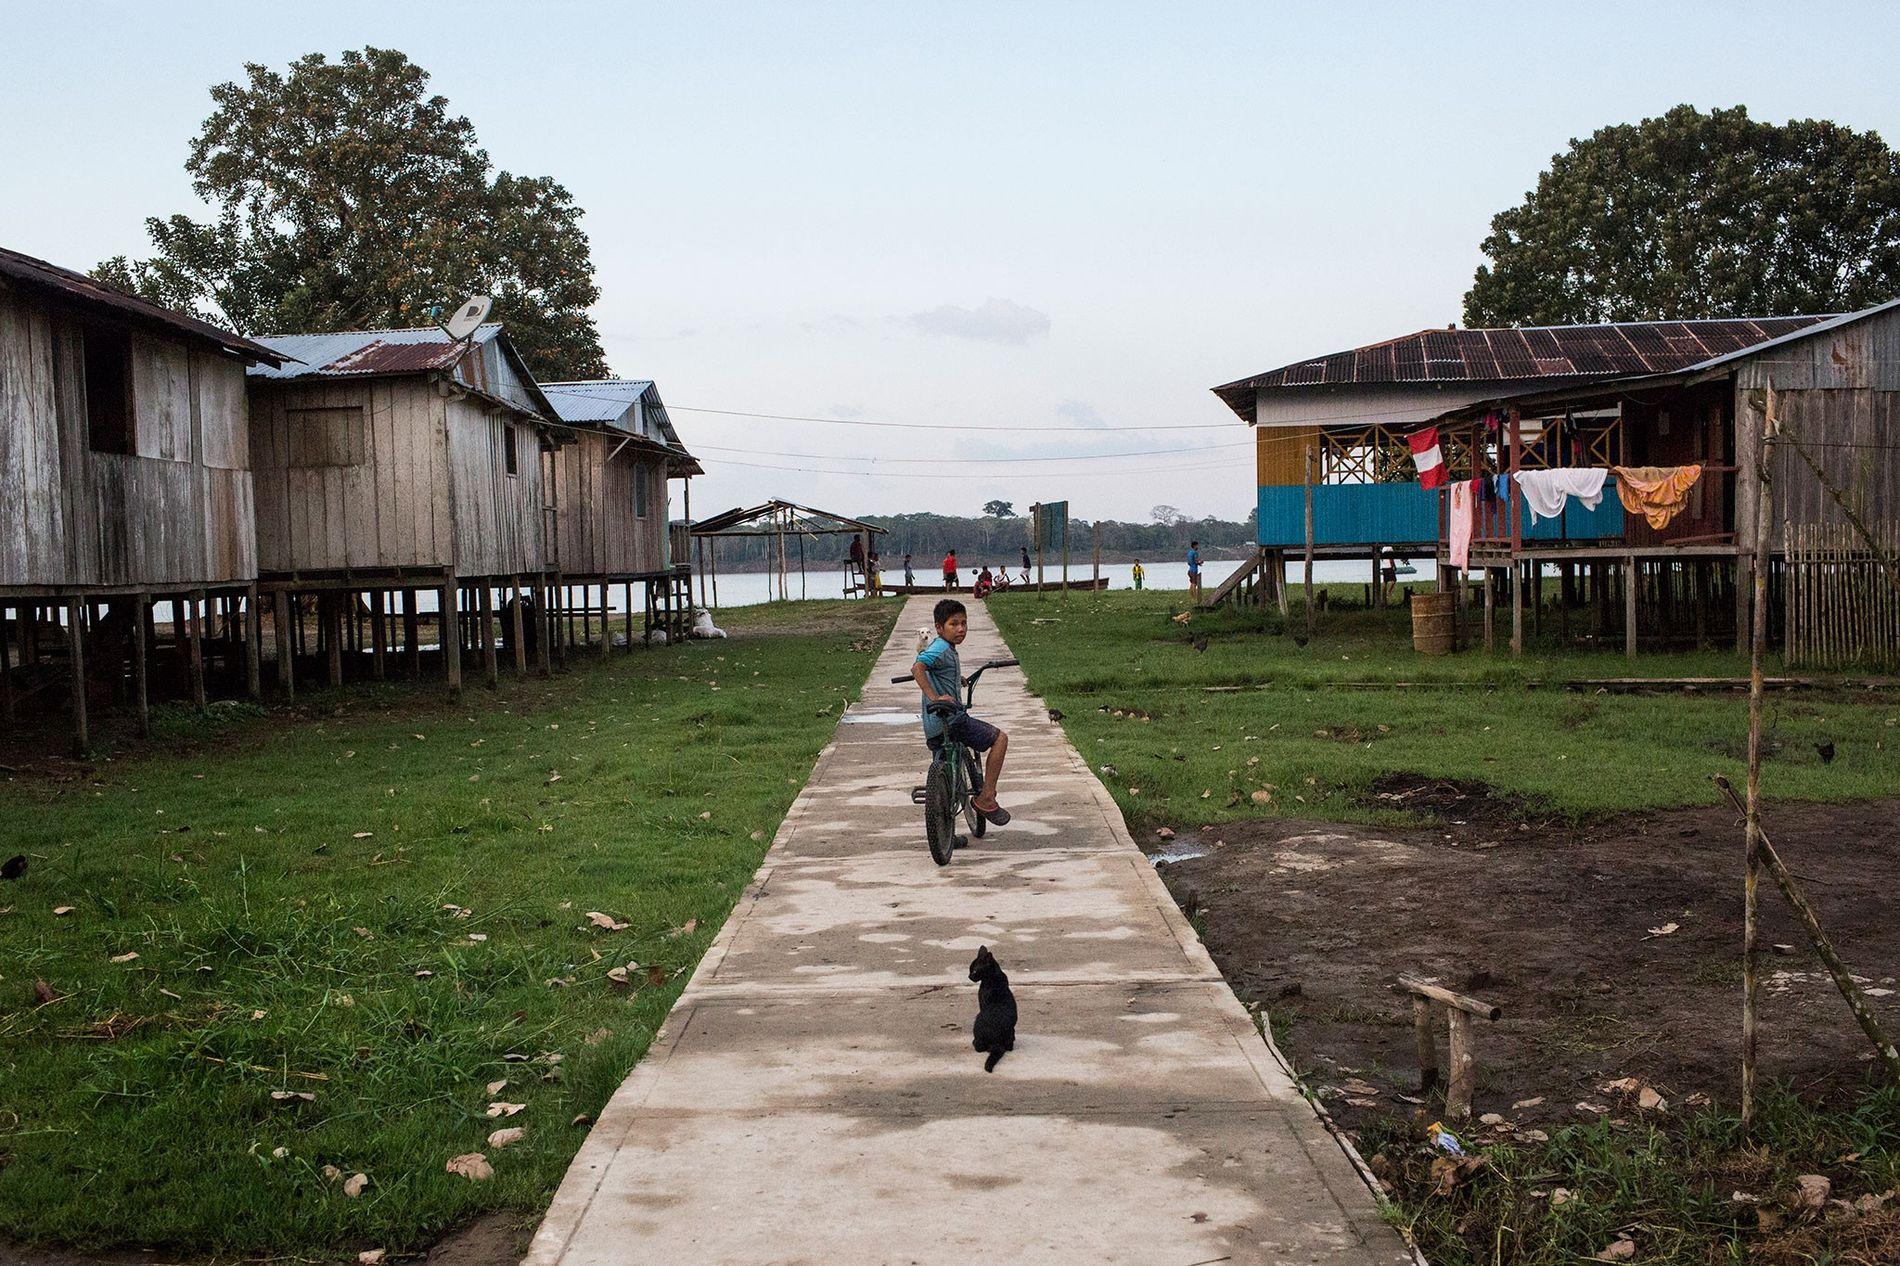 Un niño y un gato se detienen en un camino hacia Puerto Alegría, una pequeña comunidad peruana junto al río Amazonas. La localidad era un destino para interactuar con animales exóticos hasta que la policía intervino en diciembre de 2018. Ahora, muchos miembros de la comunidad están decididos a labrar un nuevo futuro.